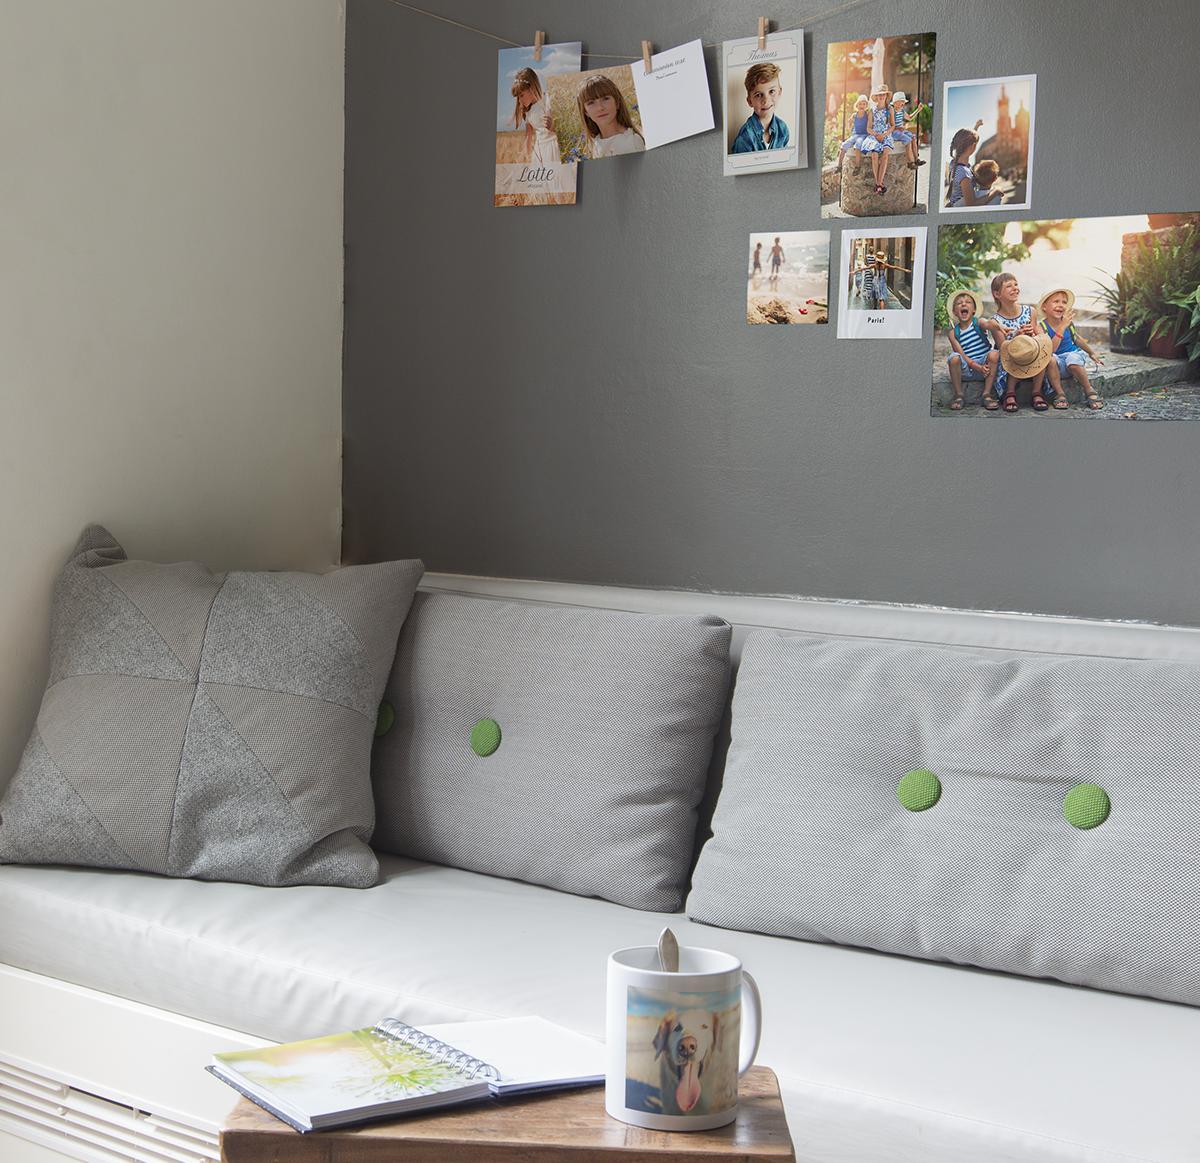 zo maak je een fotowand en geef je je interieur een nieuwe look albelli. Black Bedroom Furniture Sets. Home Design Ideas